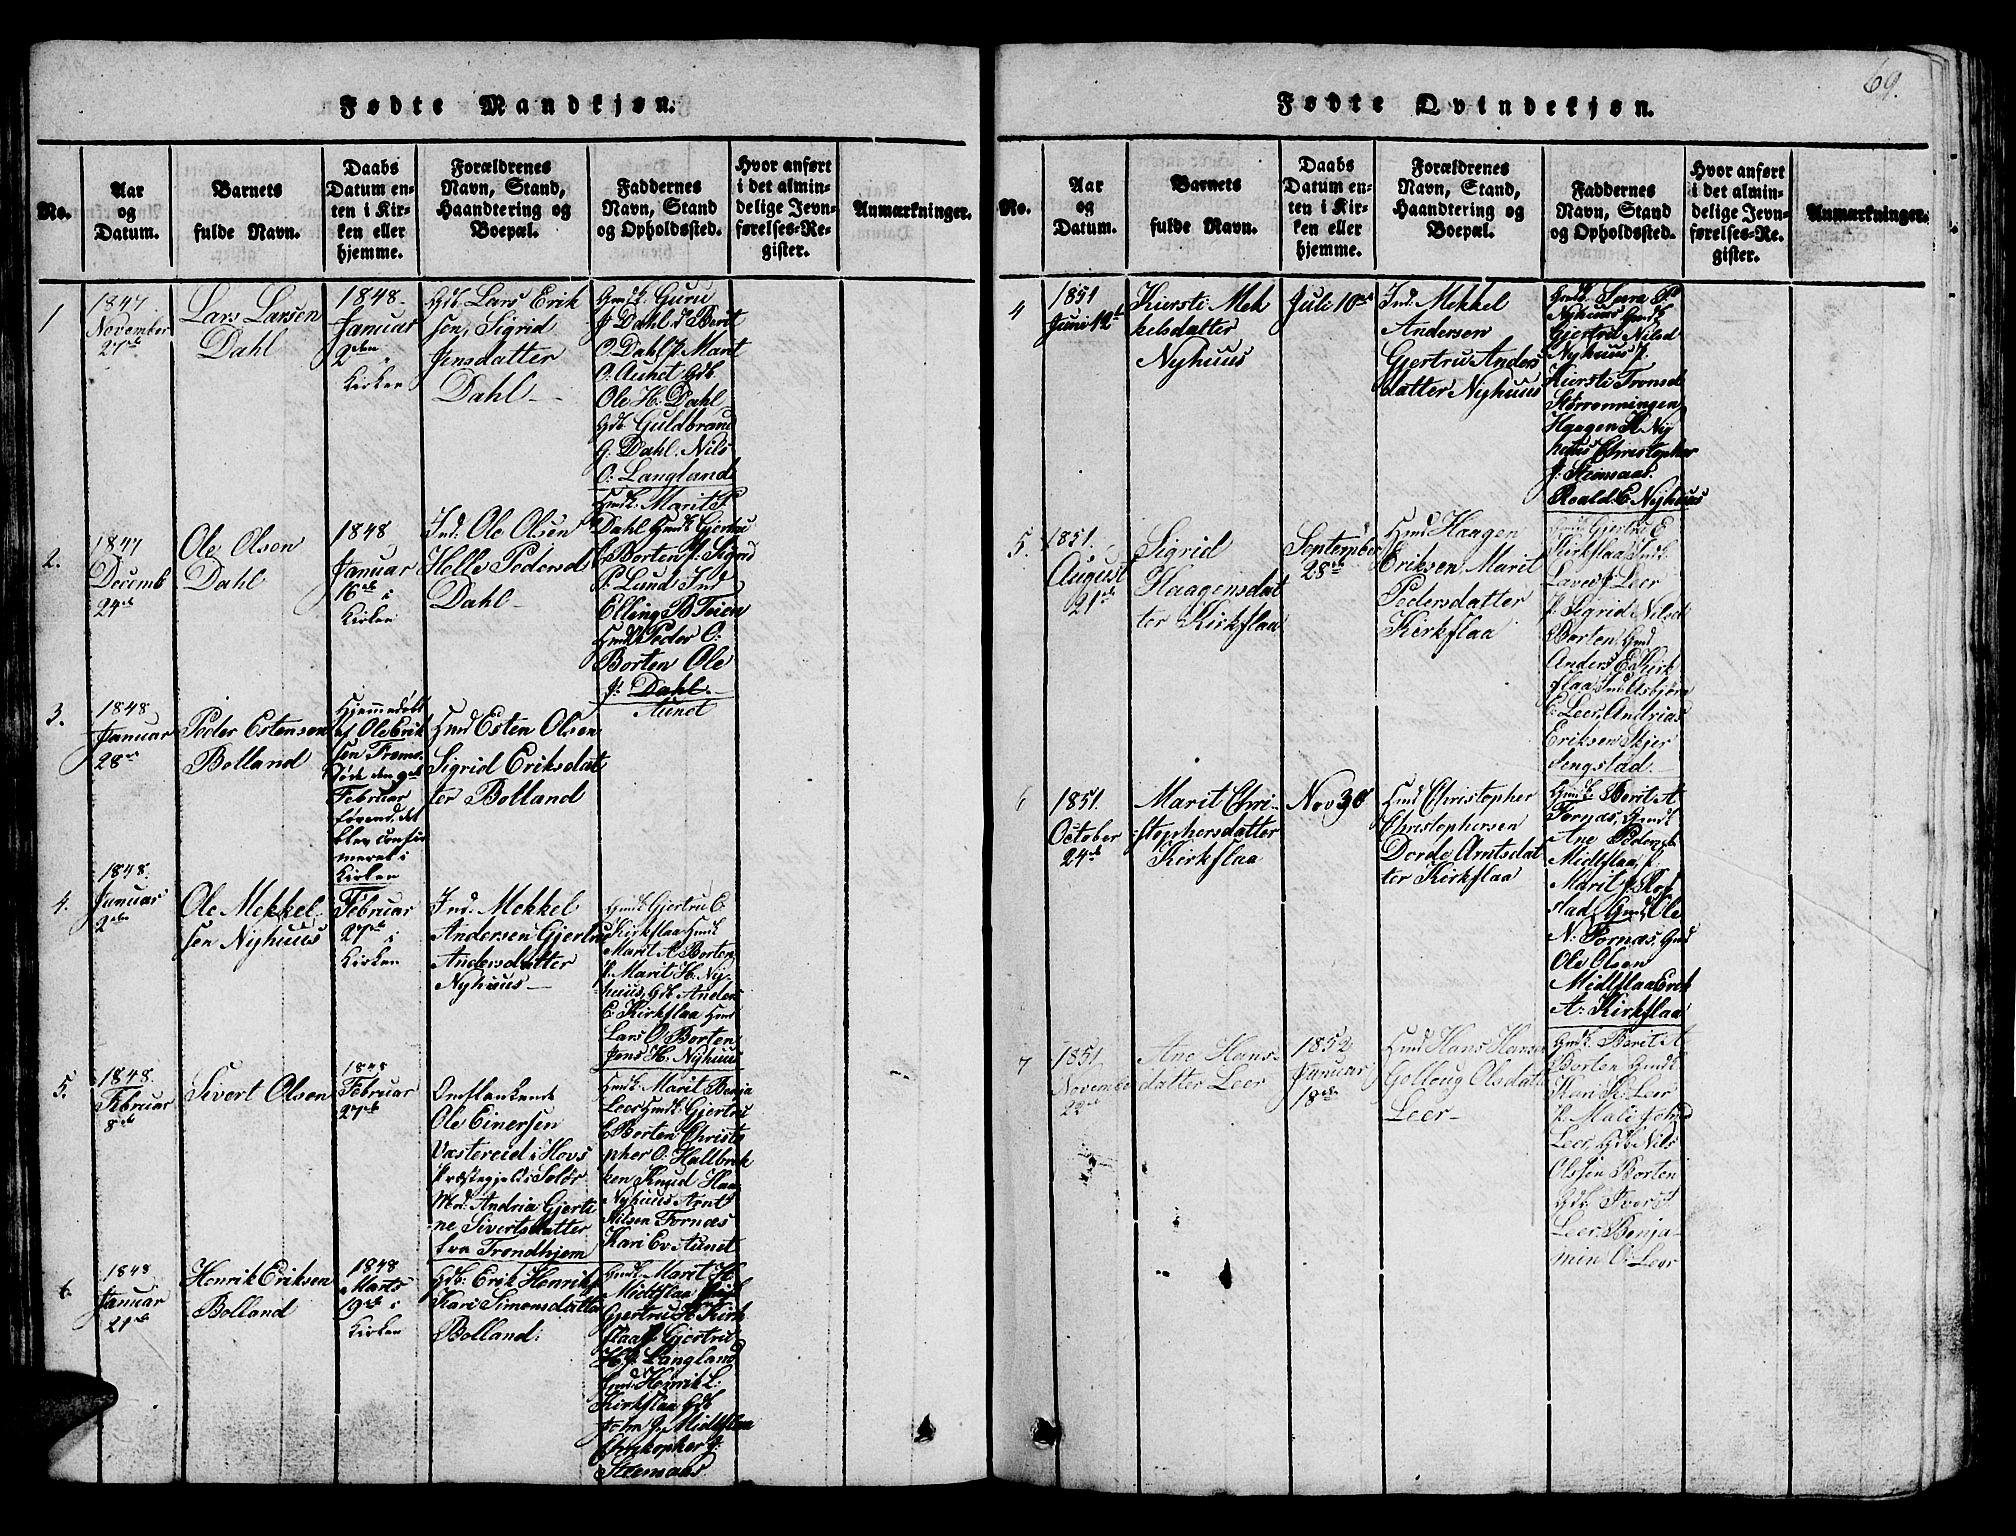 SAT, Ministerialprotokoller, klokkerbøker og fødselsregistre - Sør-Trøndelag, 693/L1121: Klokkerbok nr. 693C02, 1816-1869, s. 69